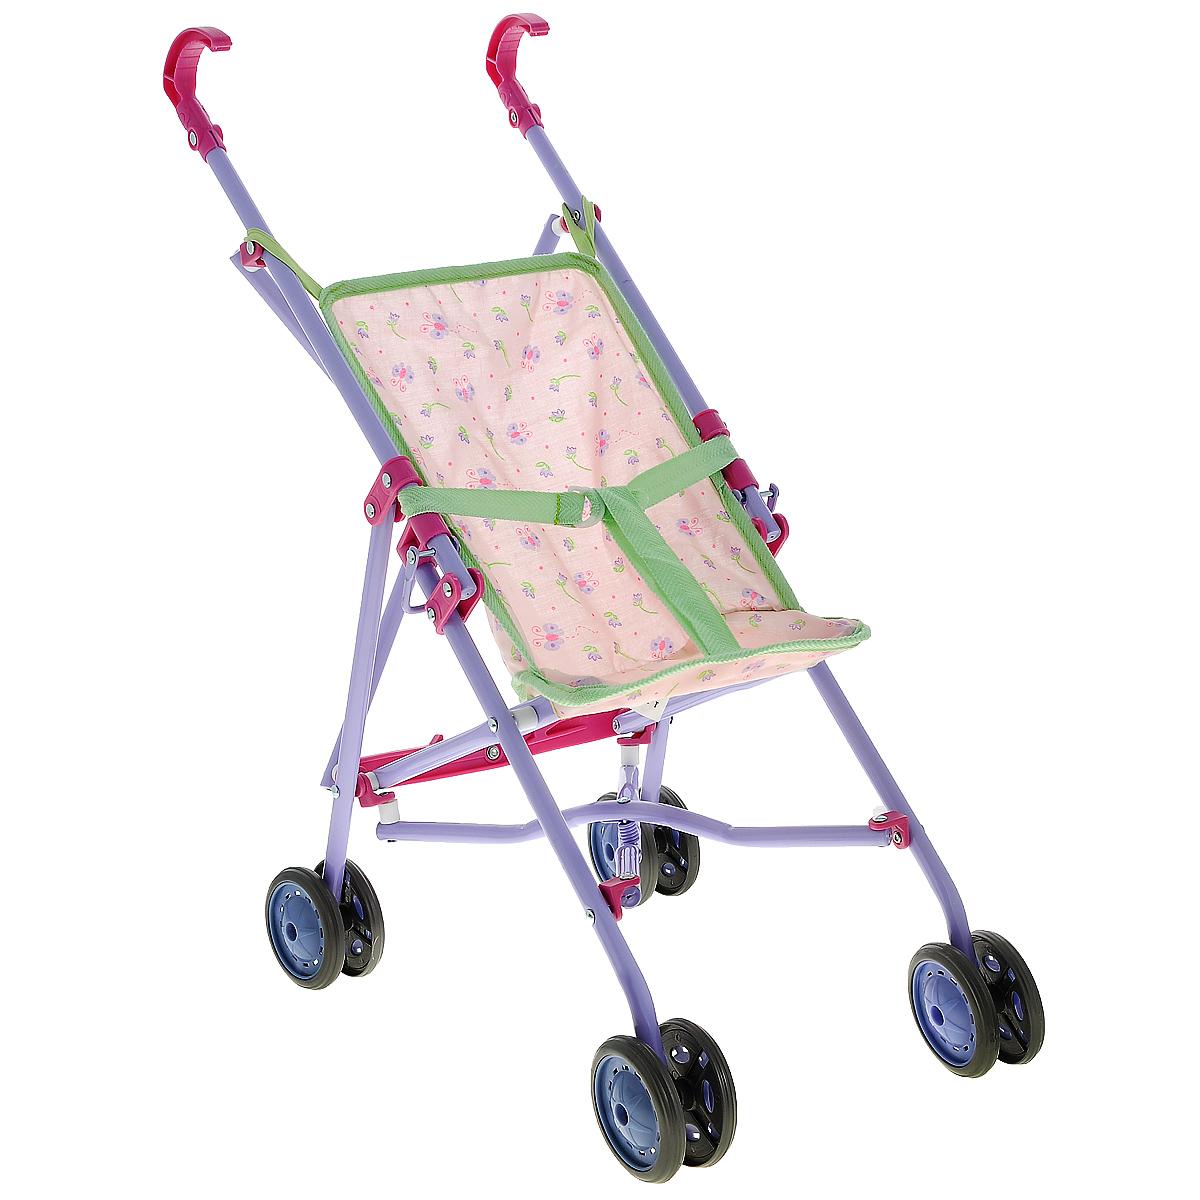 Simba Коляска для кукол New Born Baby5525052Складная коляска для кукол Simba New Born Baby очень компактна, удобна в эксплуатации и комфортабельна. Рама коляски выполнена из прочного металла, ручки и колесики выполнены из пластика. Кукла фиксируется в коляске при помощи ремня, длина которого регулируется. Текстильное сиденье коляски легко снимается, что облегчает уход за коляской. Коляска для куклы удобна в применении, как на улице, так и в помещении. Девочка непременно захочет взять эту коляску с собой на прогулку, чтобы покатать свою любимую куколку.